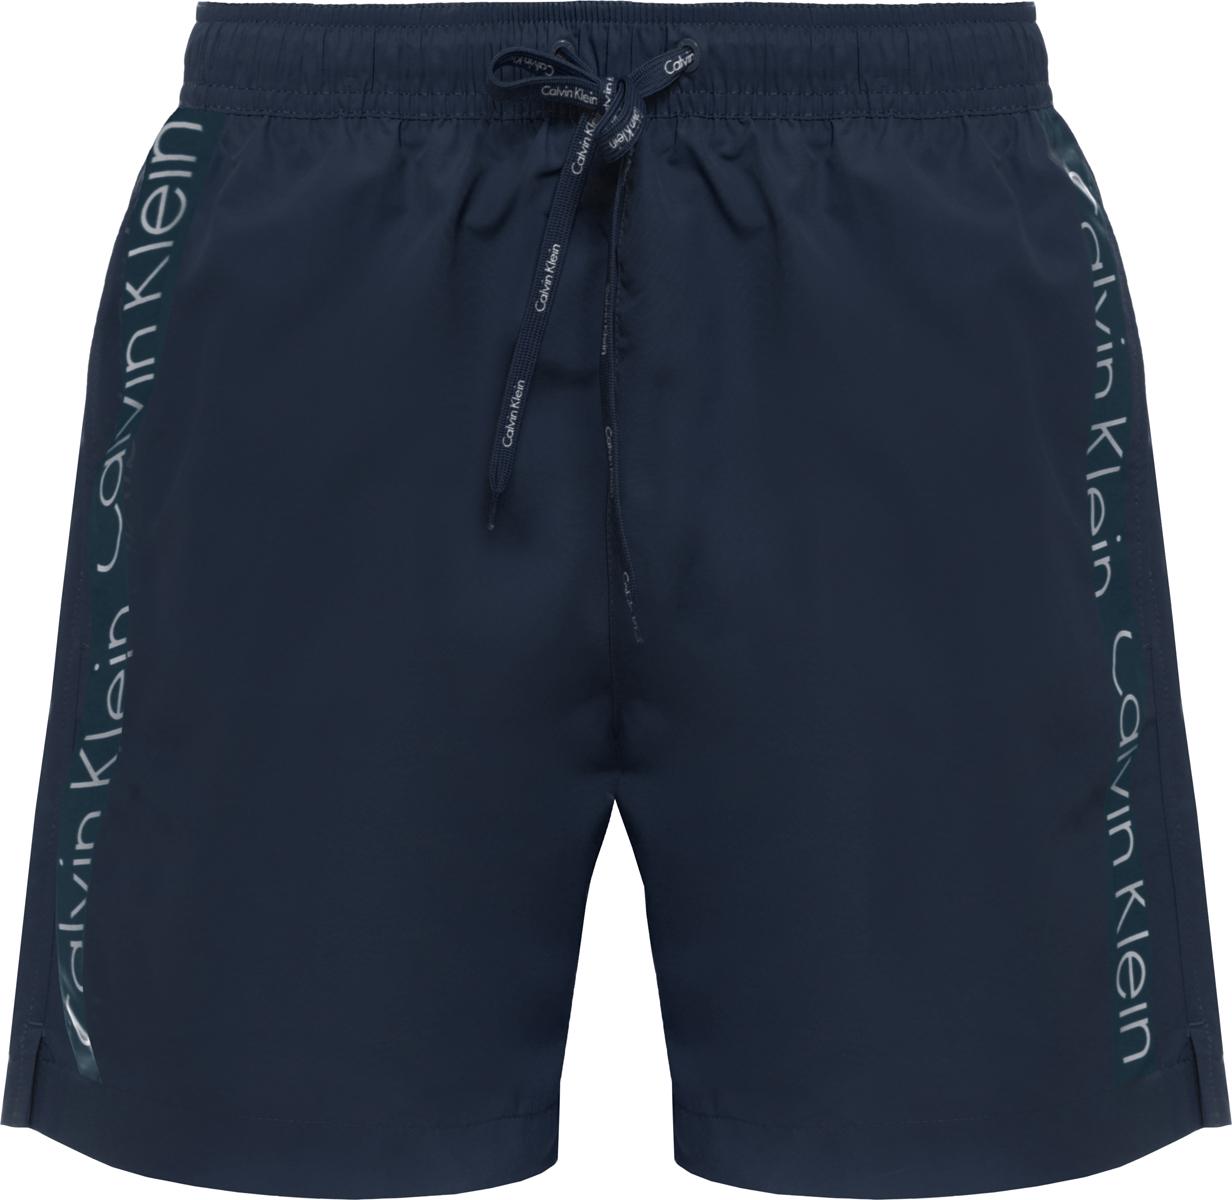 Шорты купальные мужские Calvin Klein Underwear, цвет: темно-синий. KM0KM00169. Размер M (48)KM0KM00169Шорты купальные мужские Calvin Klein Underwear выполнены из полиэстера. Модель дополнена затягивающимся шнурком.